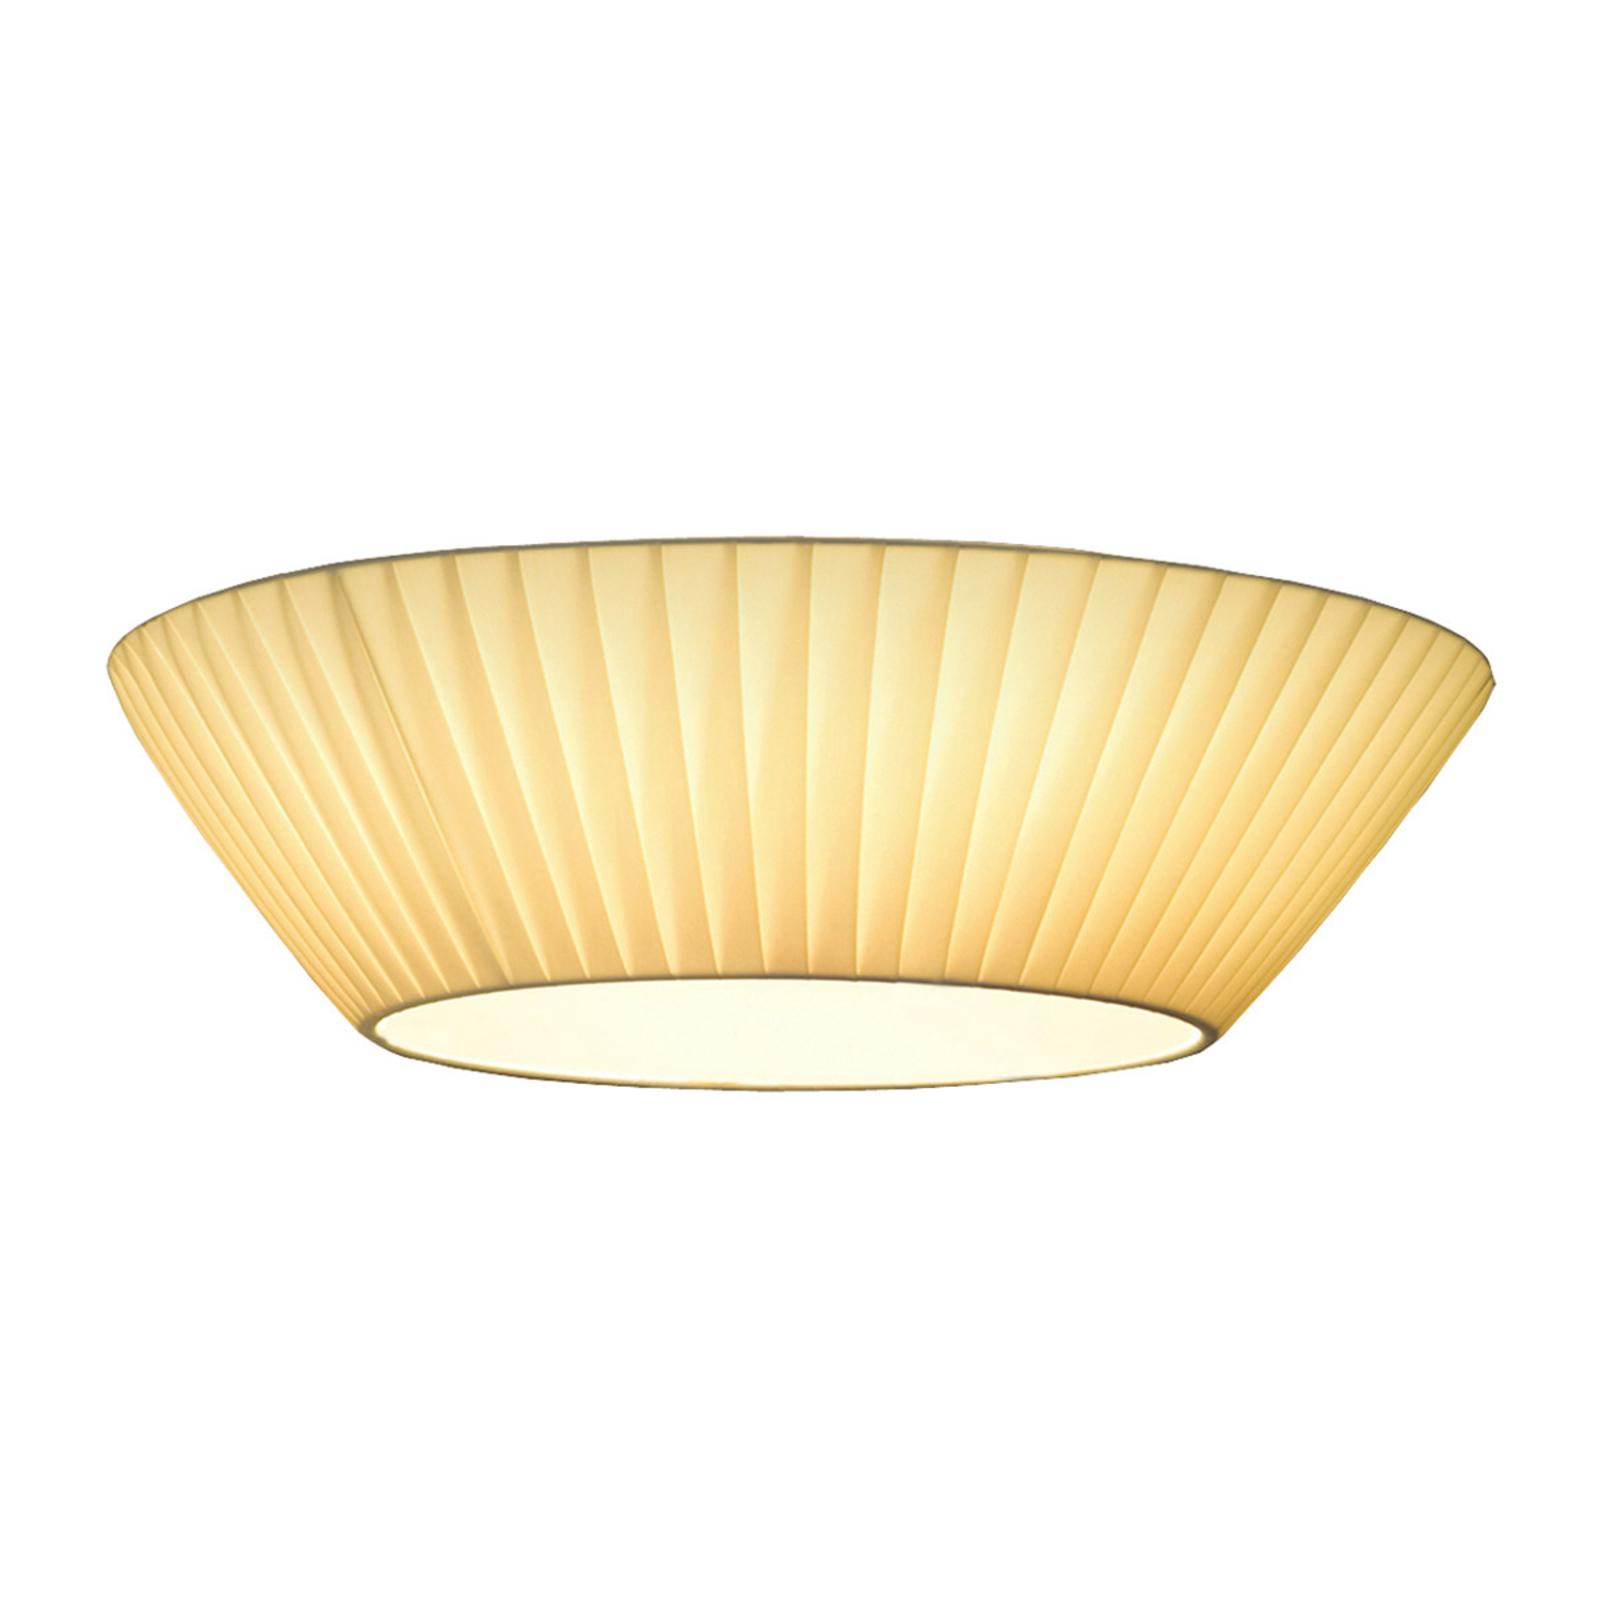 Eenvoudige plafondlamp Emma, diameter 50 cm, beige